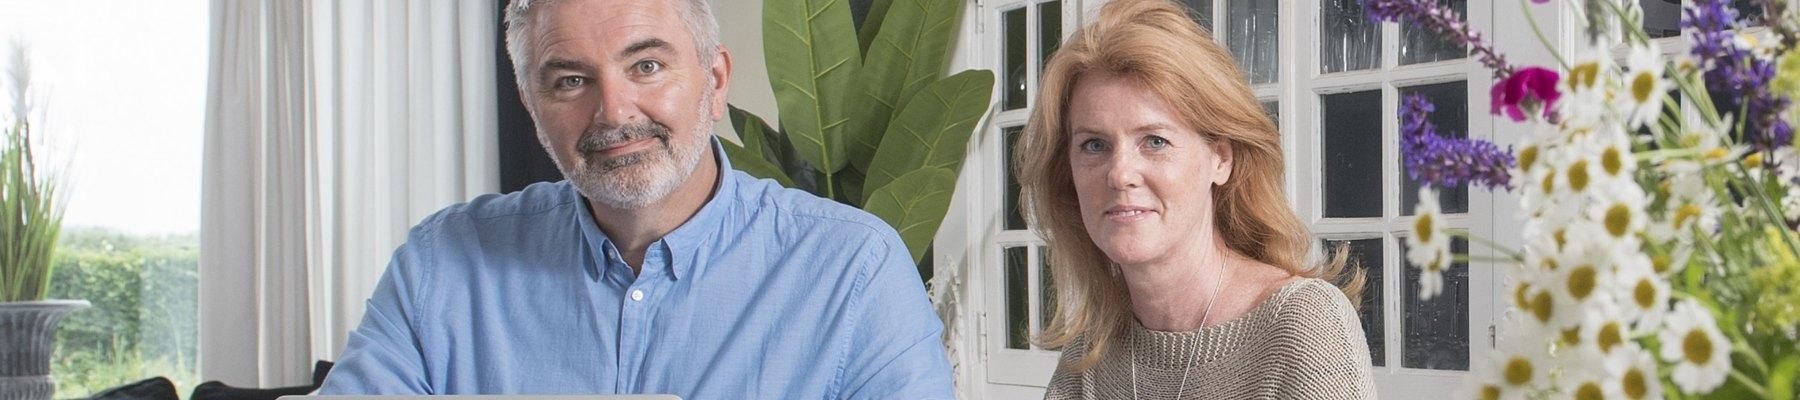 Patiëntenportaal Ziekenhuis Rivierenland biedt meer mogelijkheden